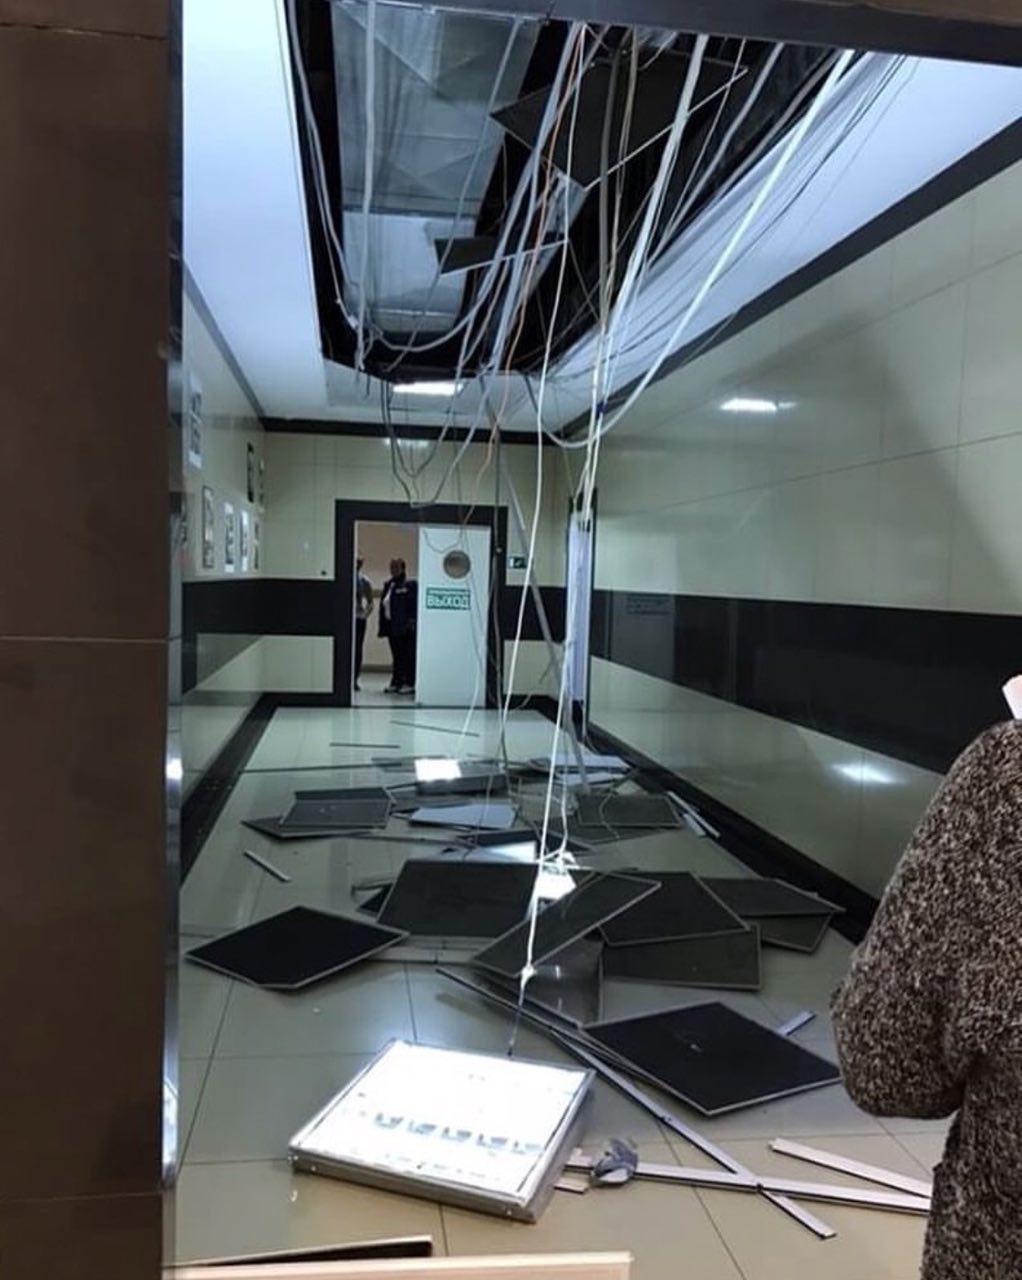 ВСтаврополе вТЦ обрушился потолок